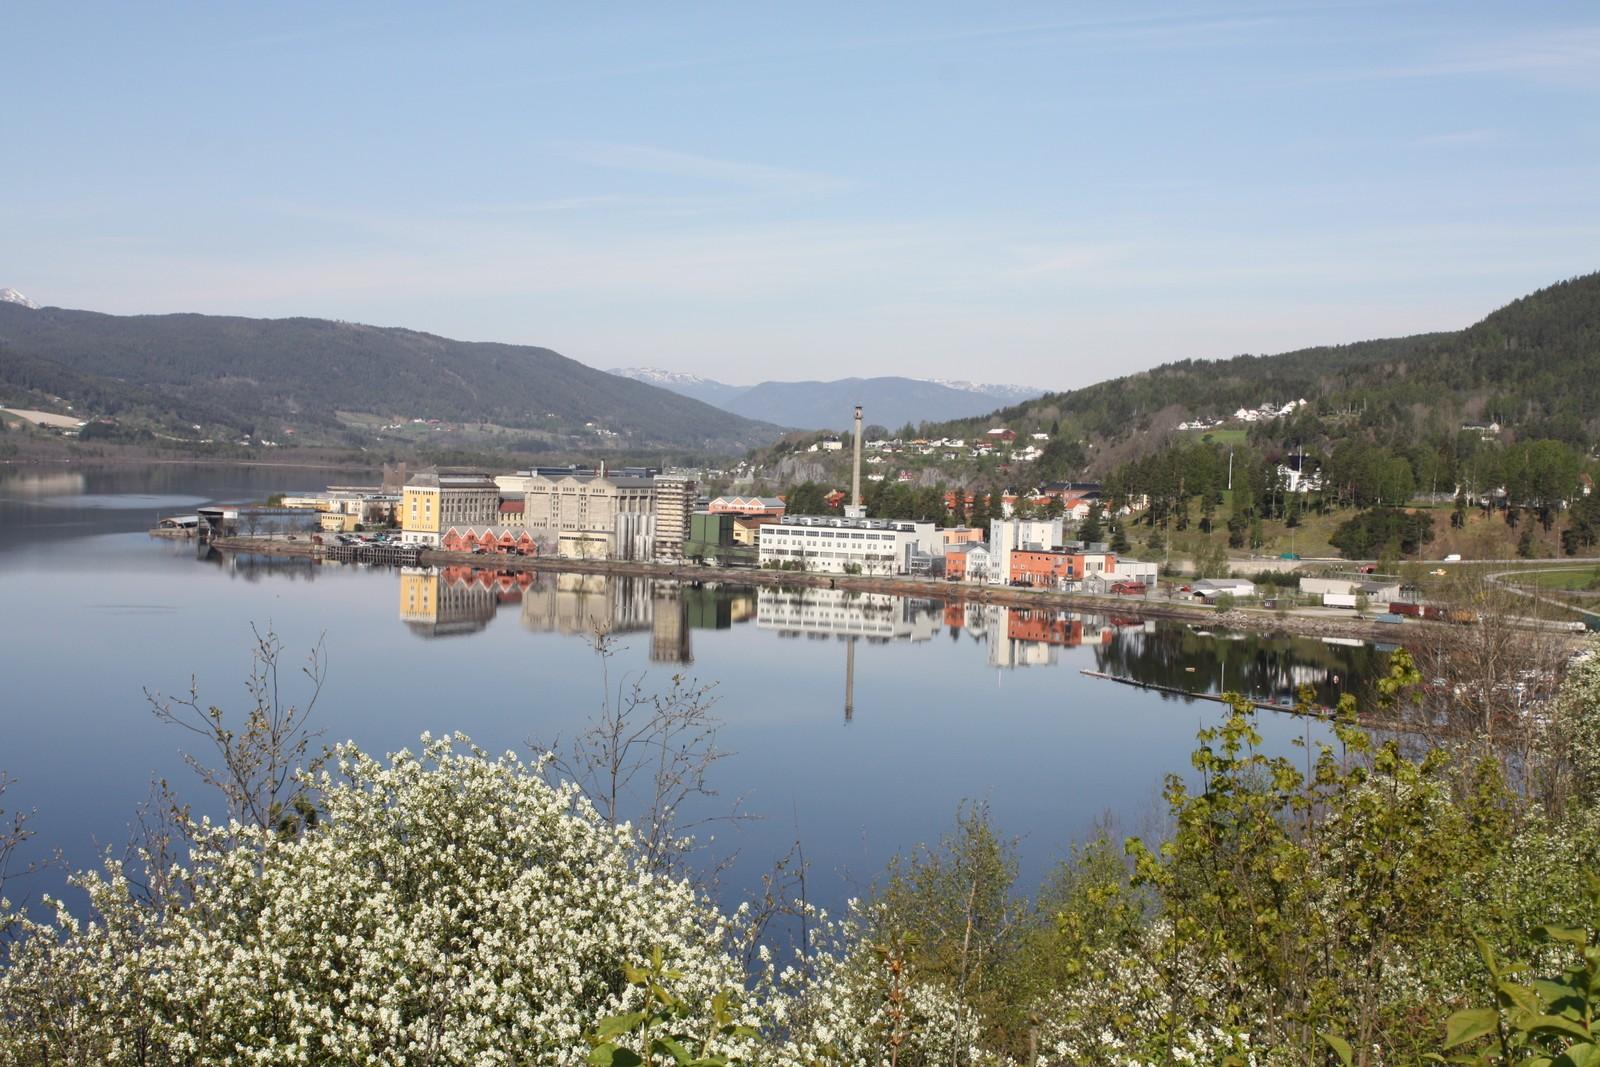 NOTODDEN OG RJUKAN: industristeder er fremragende eksempler på industrisamfunnene som vokste fram i Norge på begynnelsen av 1900-tallet. De representerer det store, industrielle gjennombruddet hvor sammenkoplingen av kraft, teknologi og kapital var avgjørende.